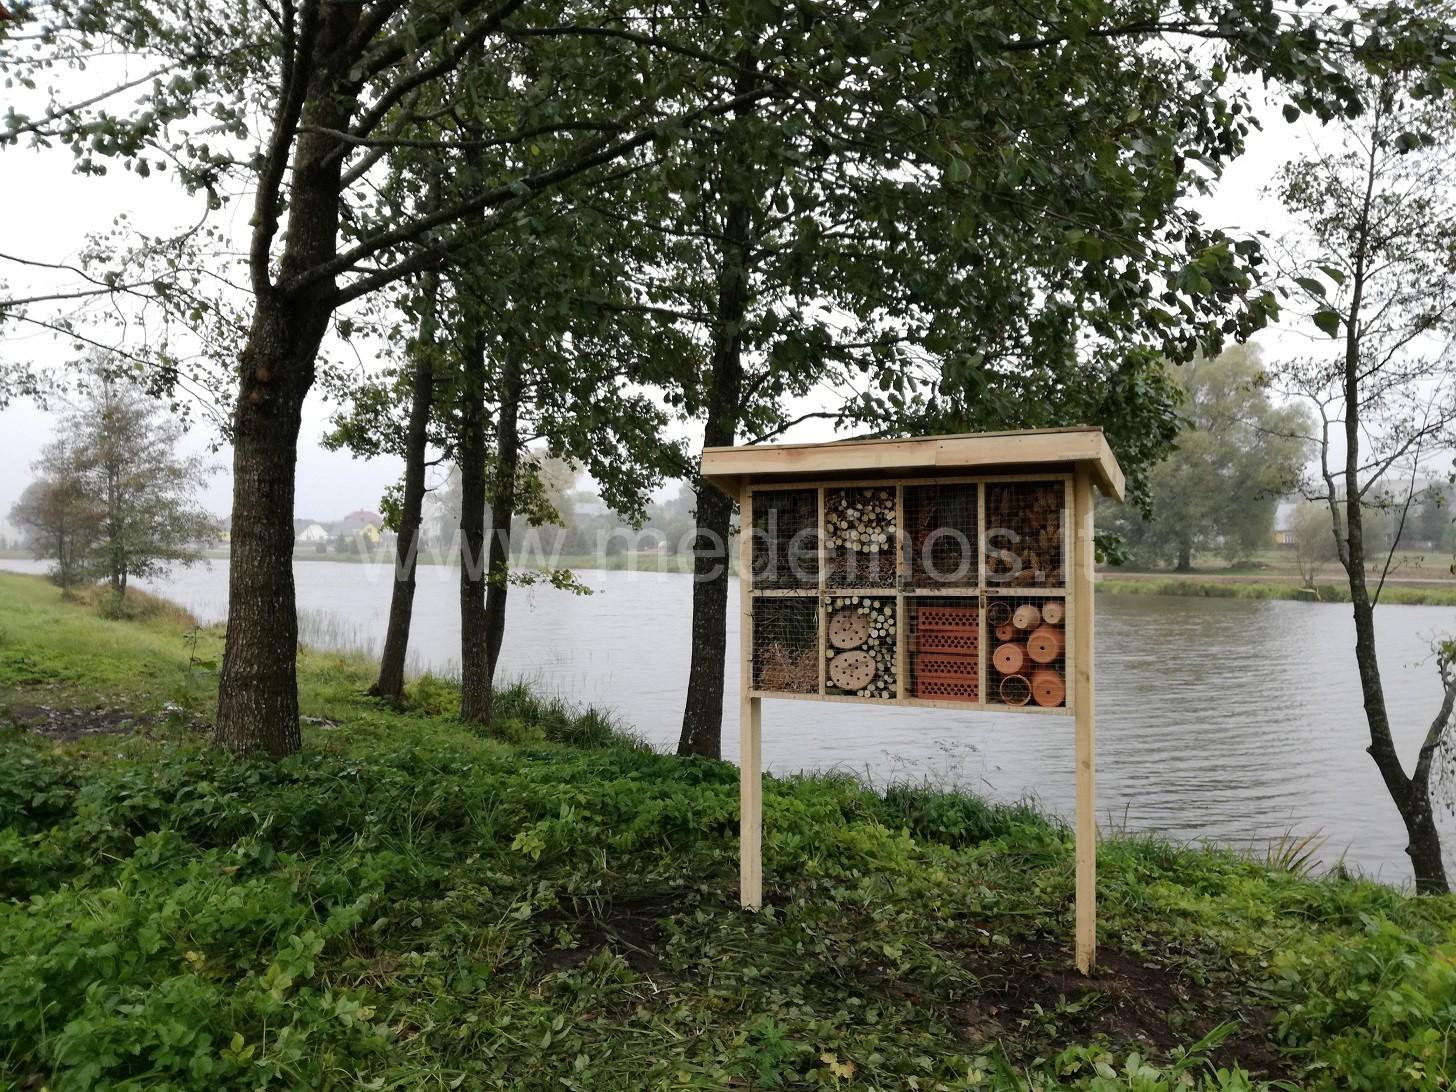 Naujai kuriamas Šalčininkų miesto parkas pasipuošė nameliais vabzdžiams ir ežiams